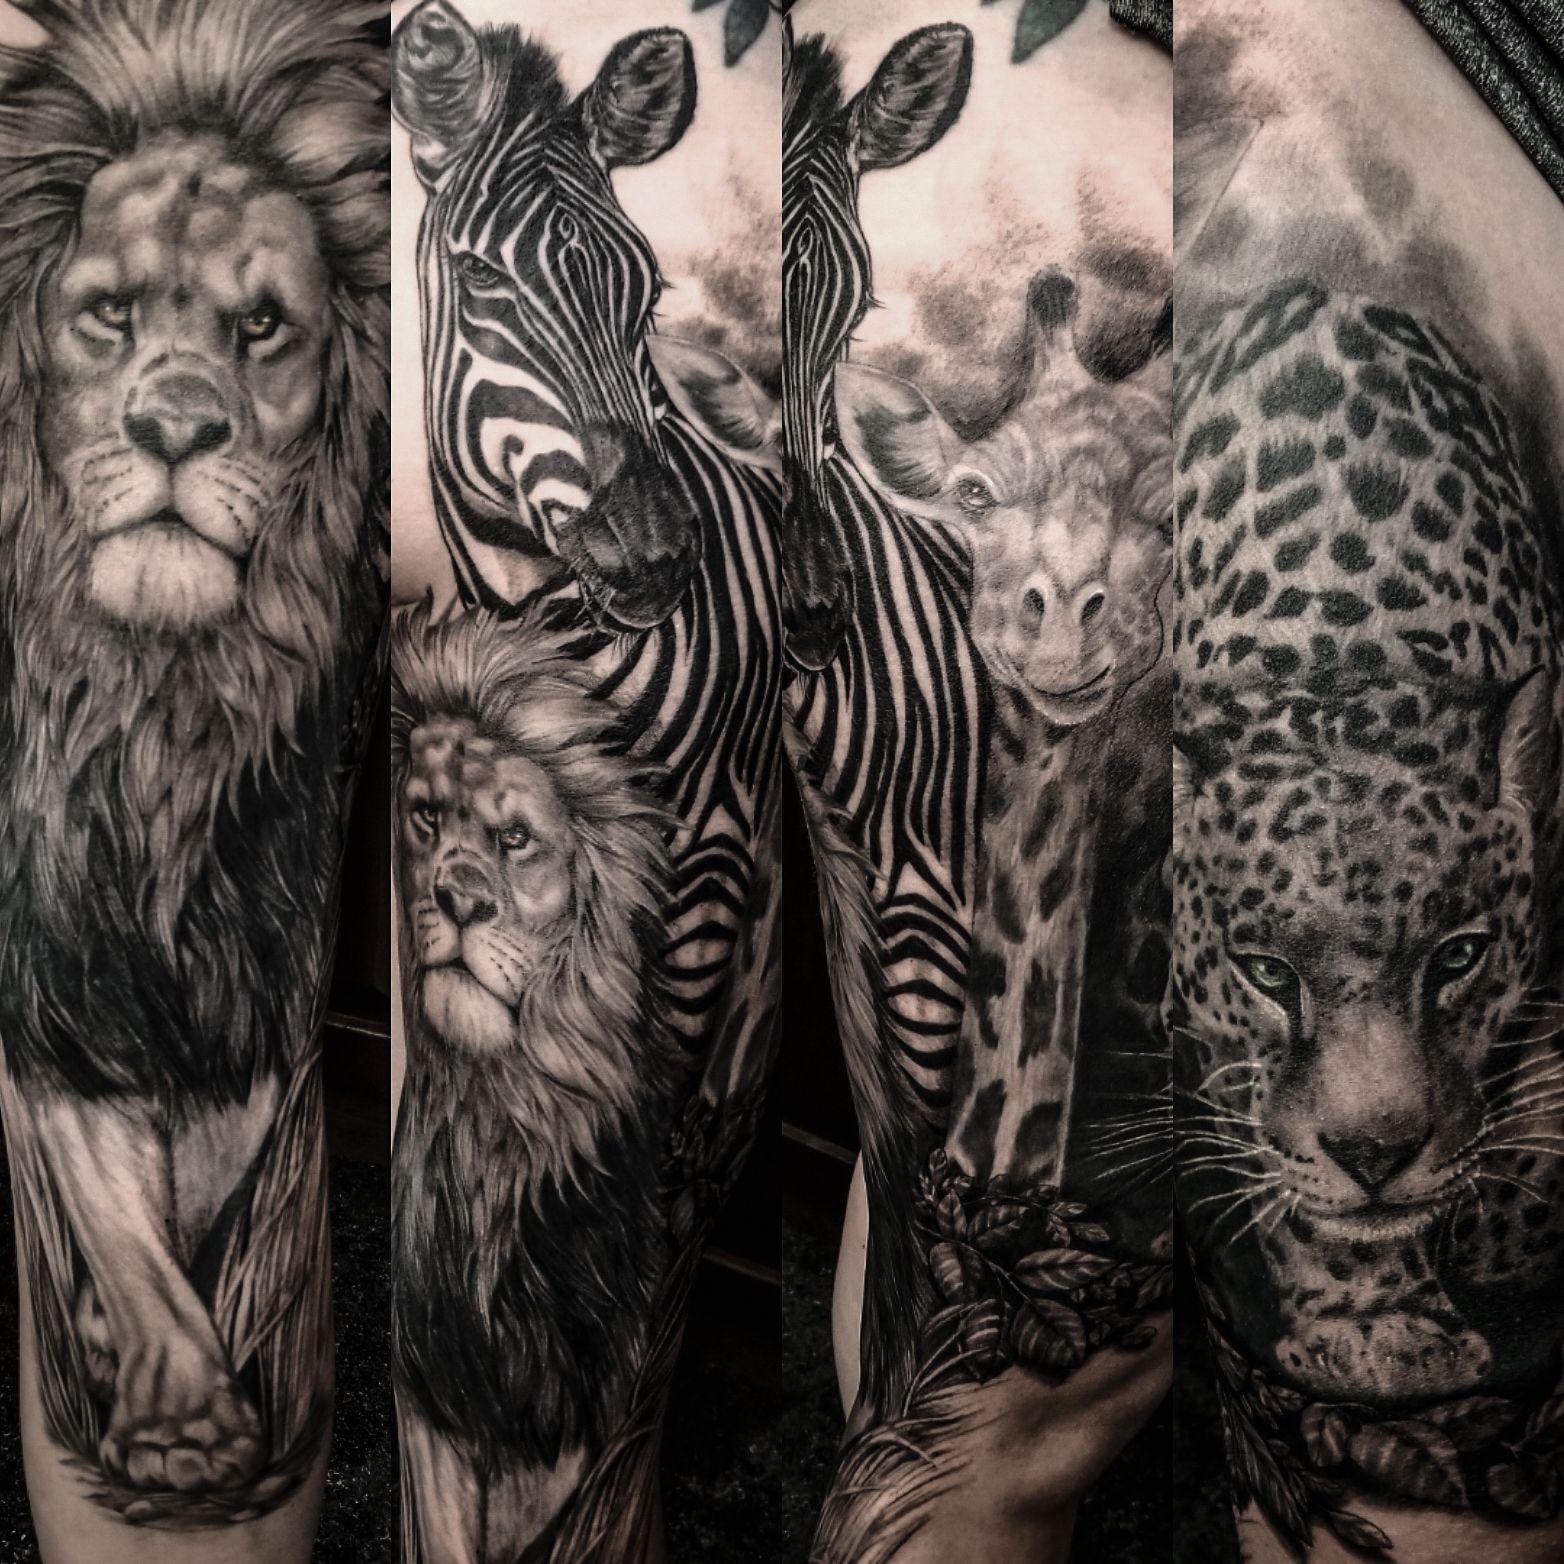 Tattoos For Men Aliens Tattoosformen Leopard Tattoos Animal Sleeve Tattoo Mens Sleeve Tattoo Designs